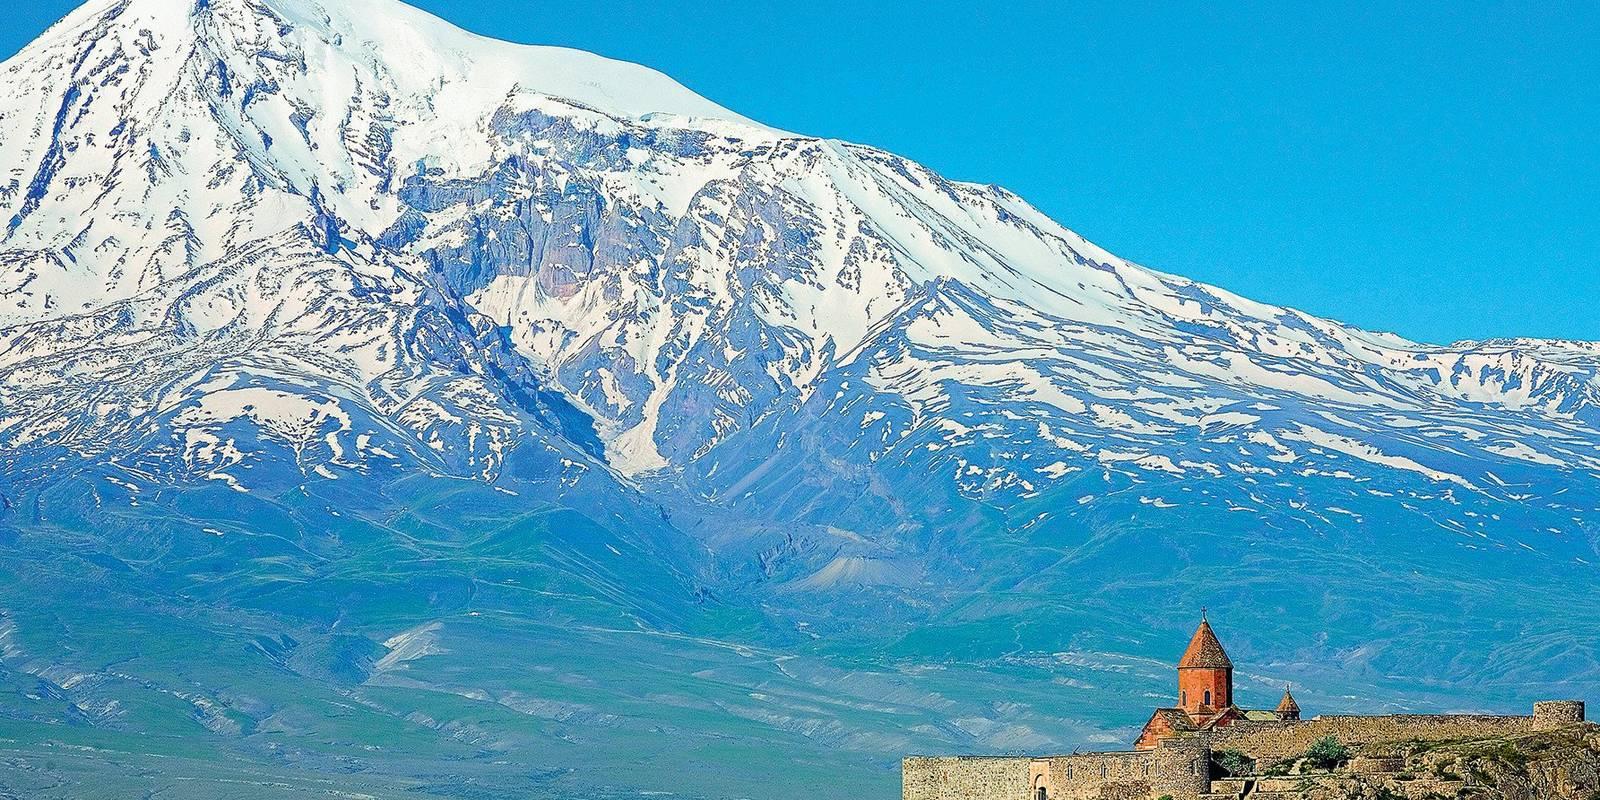 Le Caucase et le Haut Karabagh